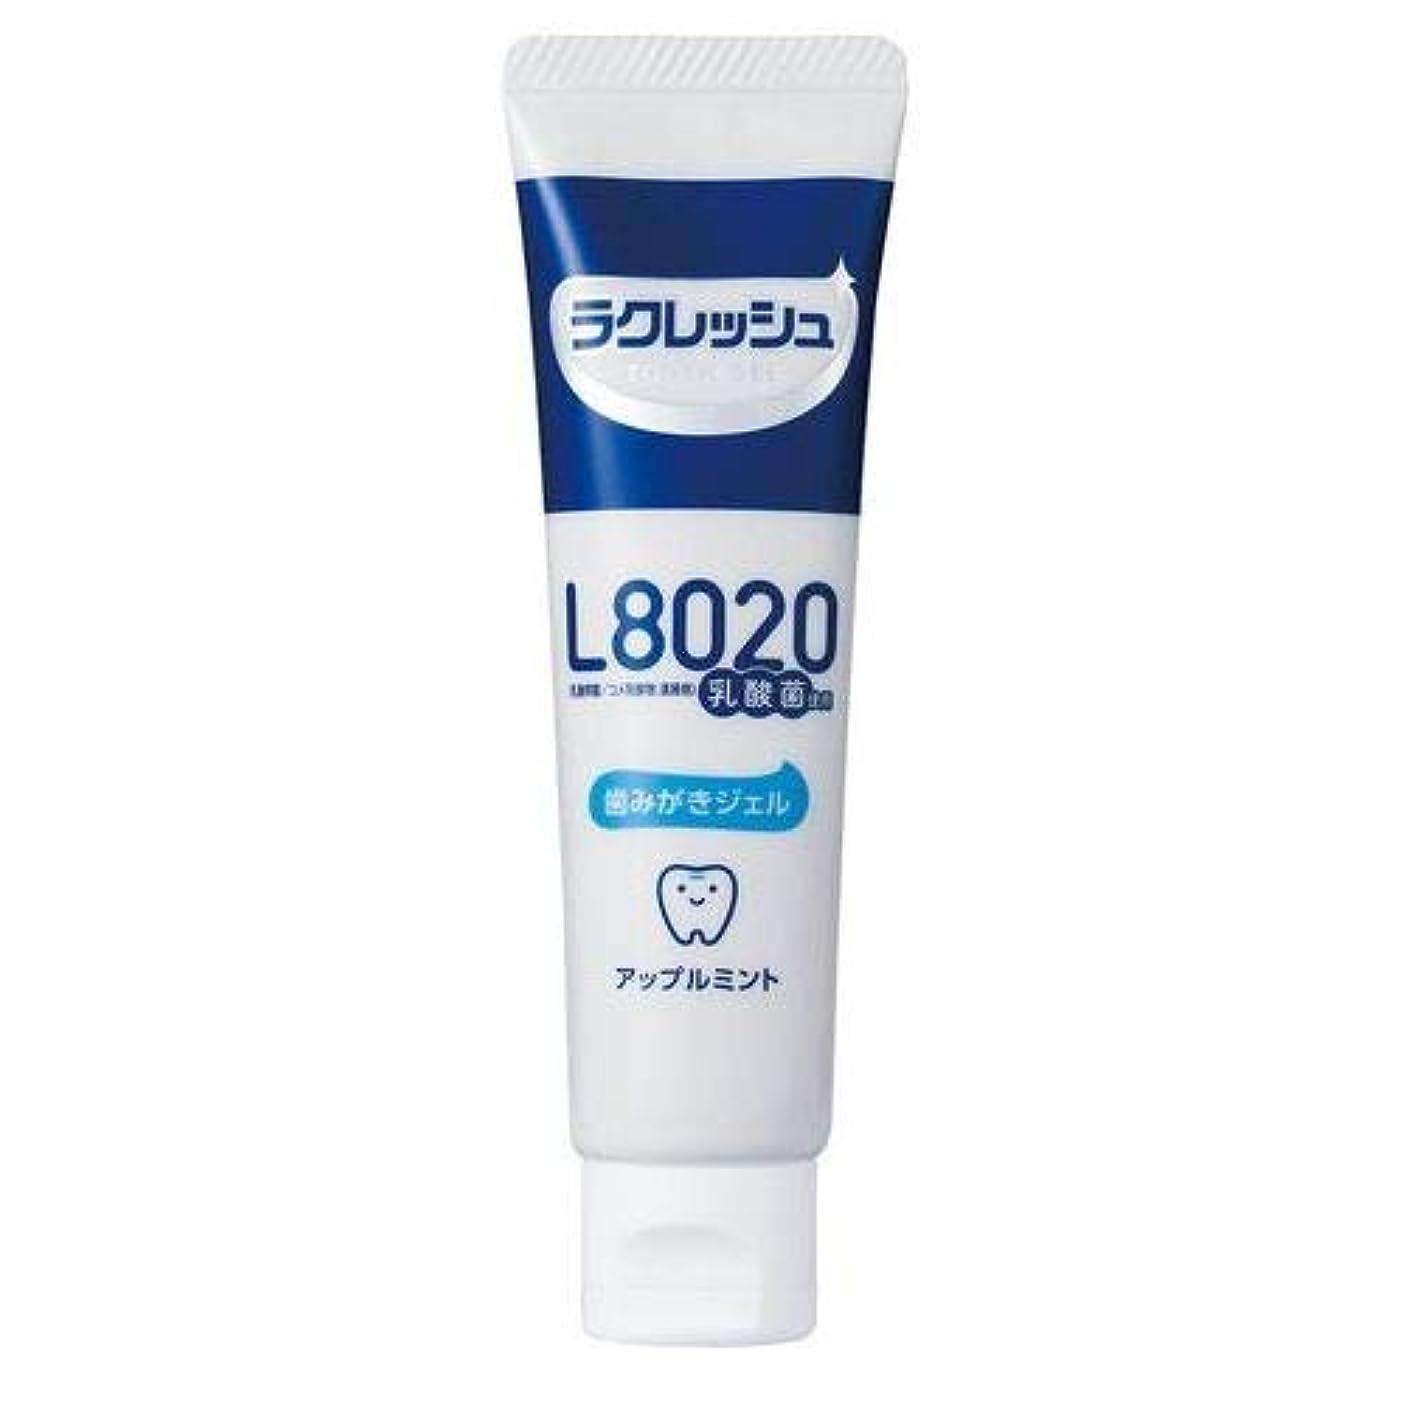 休み巨大リーン【50個セット】L8020乳酸菌 ラクレッシュ 歯みがきジェル 994918